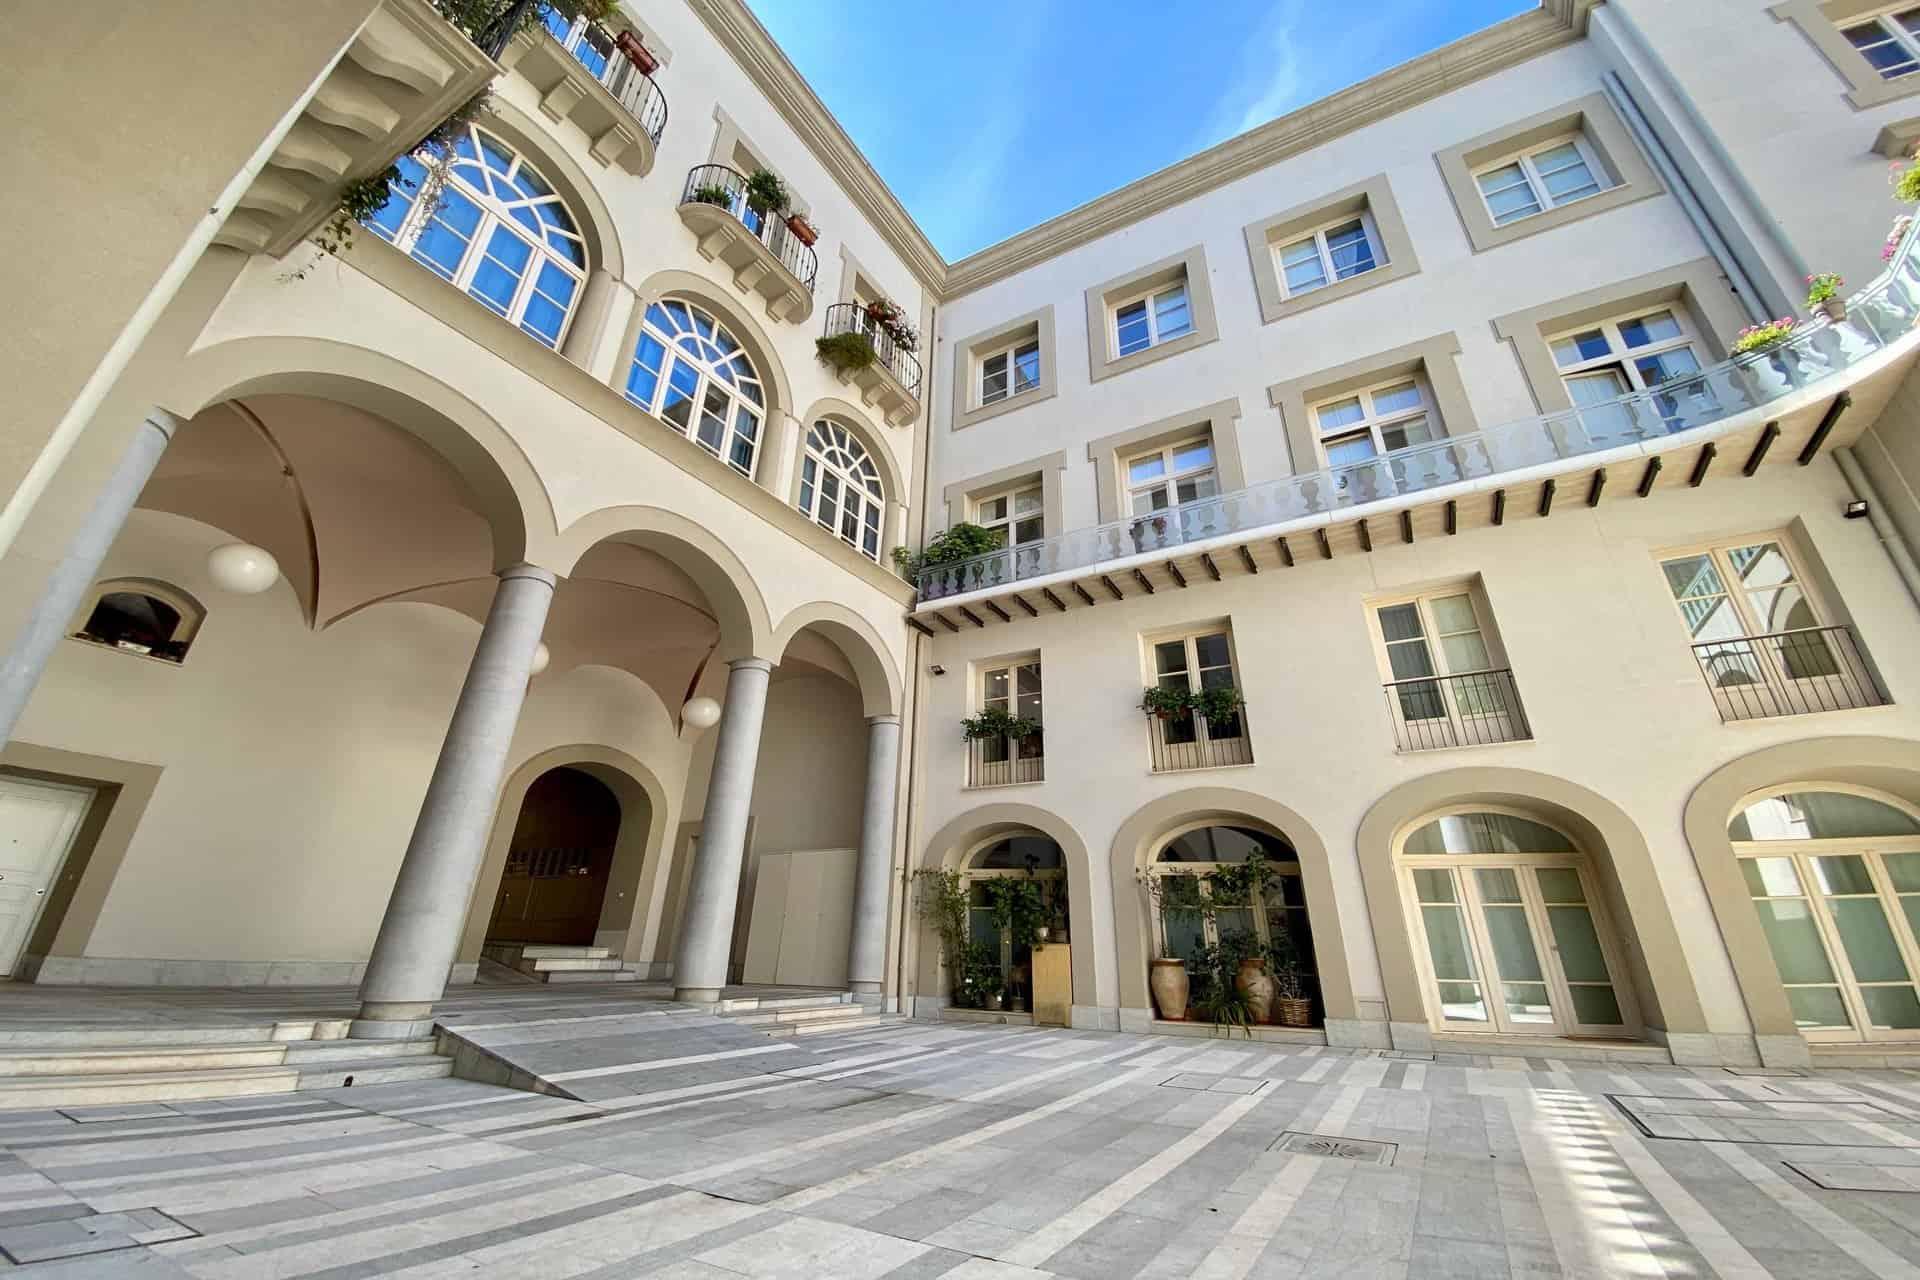 bb one palermo palazzo lampedusa (20)